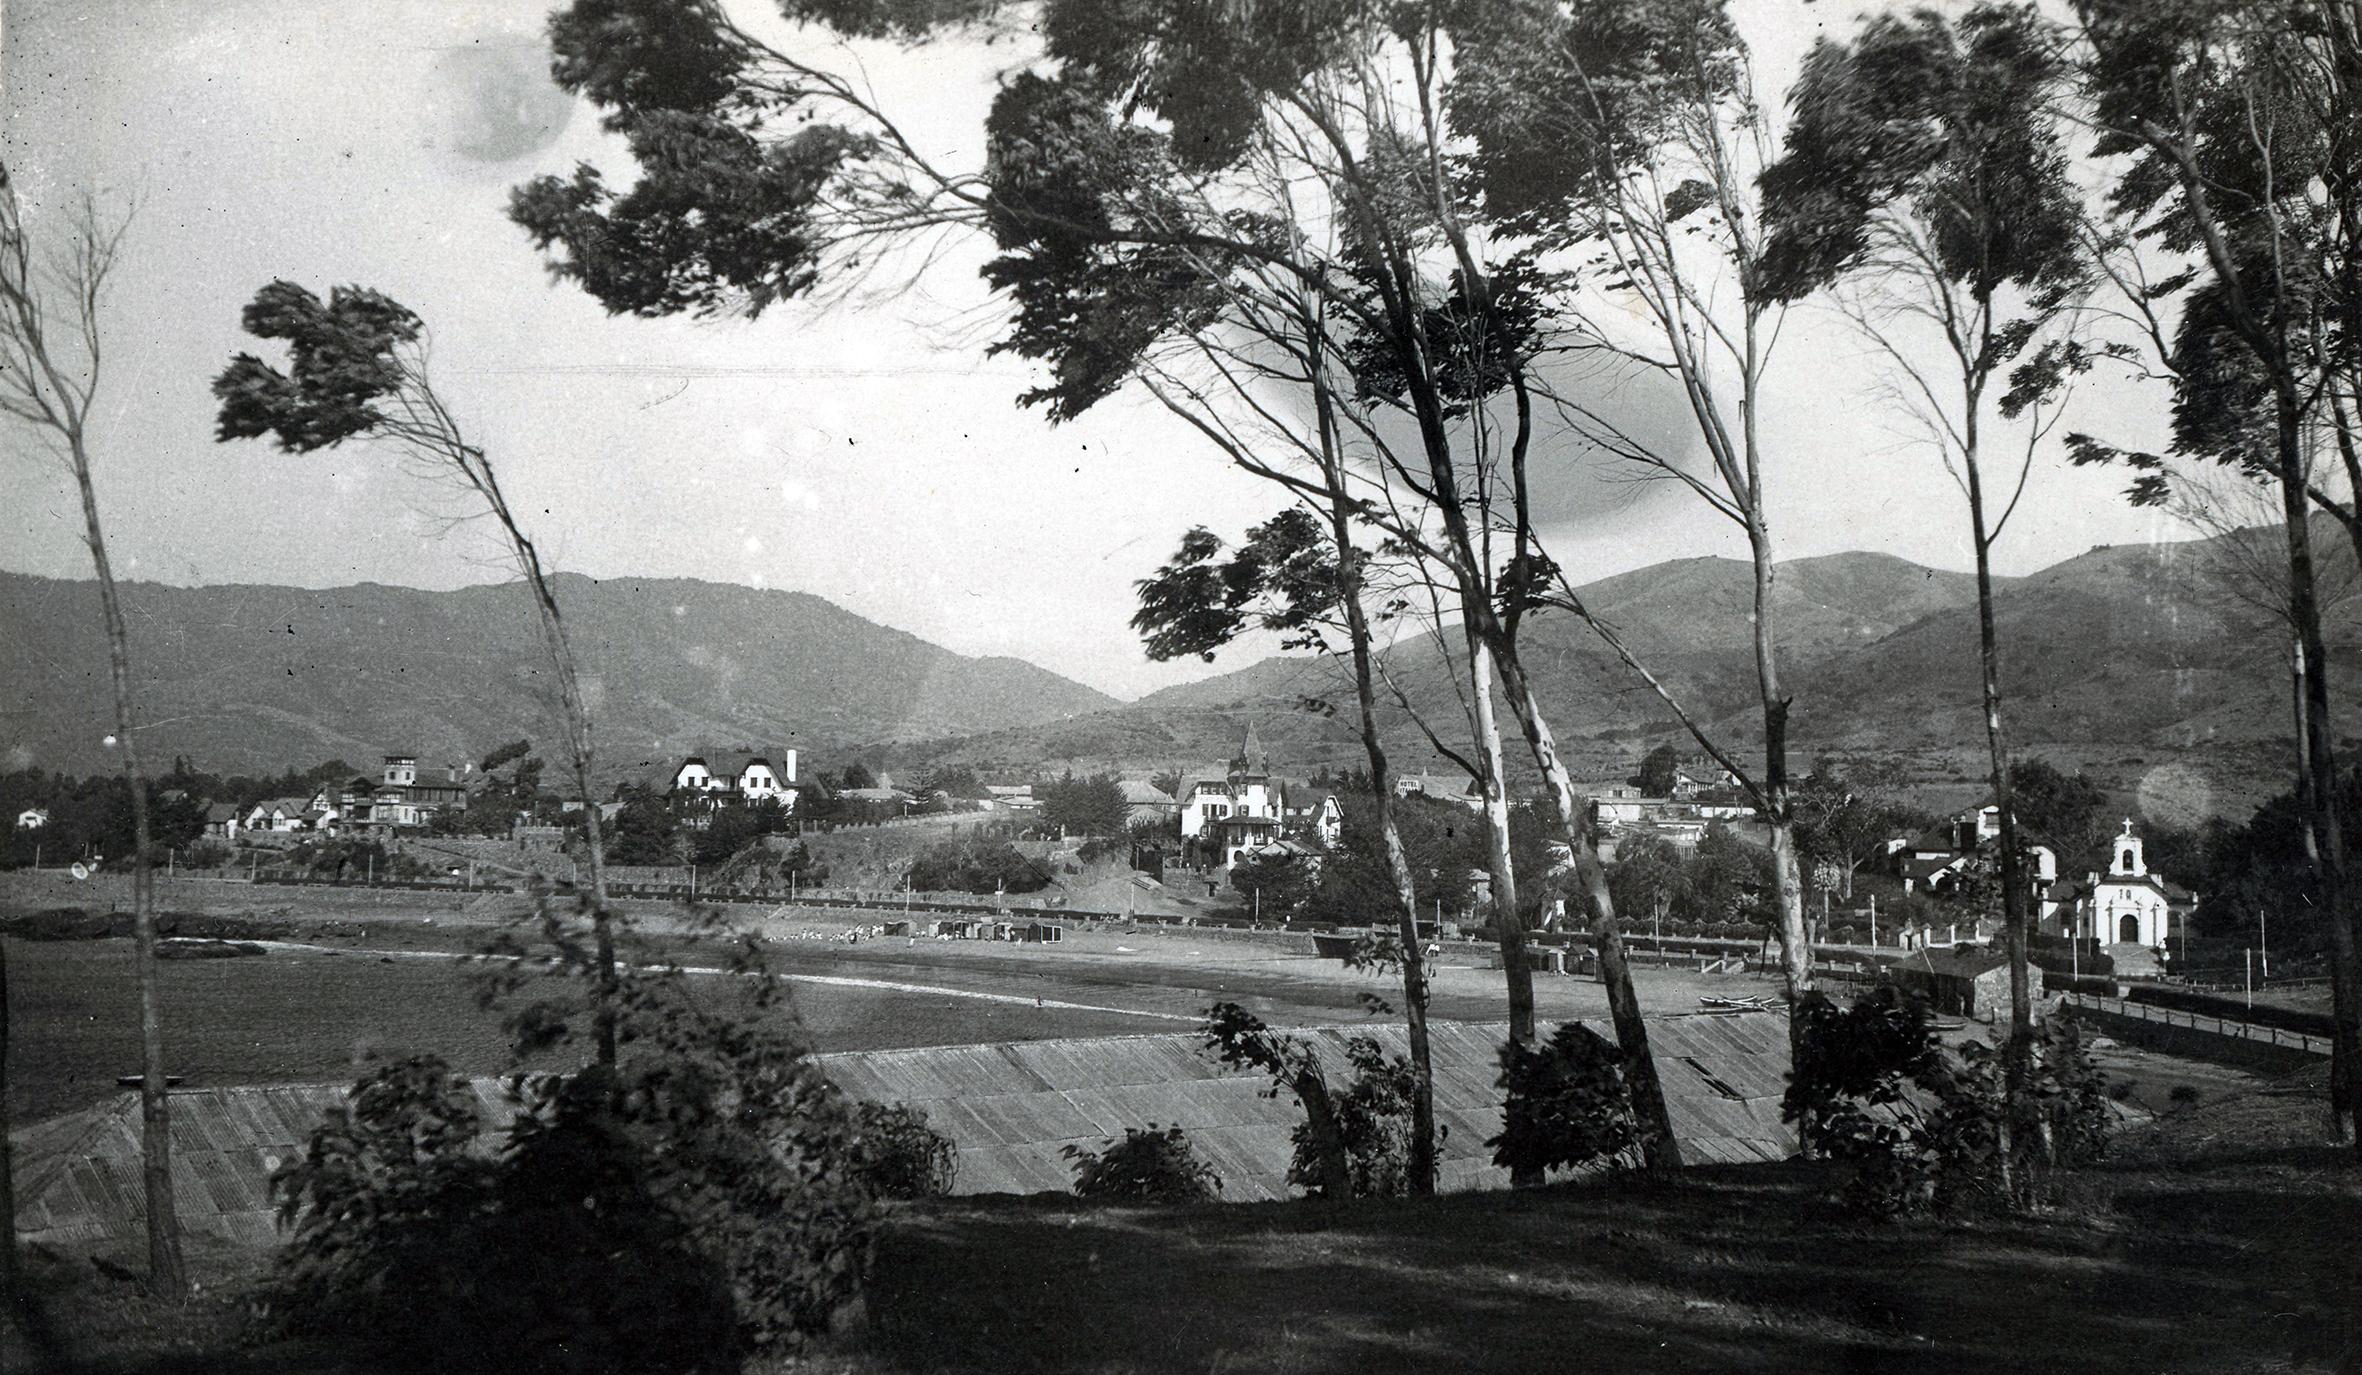 Enterreno - Fotos históricas de chile - fotos antiguas de Chile - Papudo en 1946